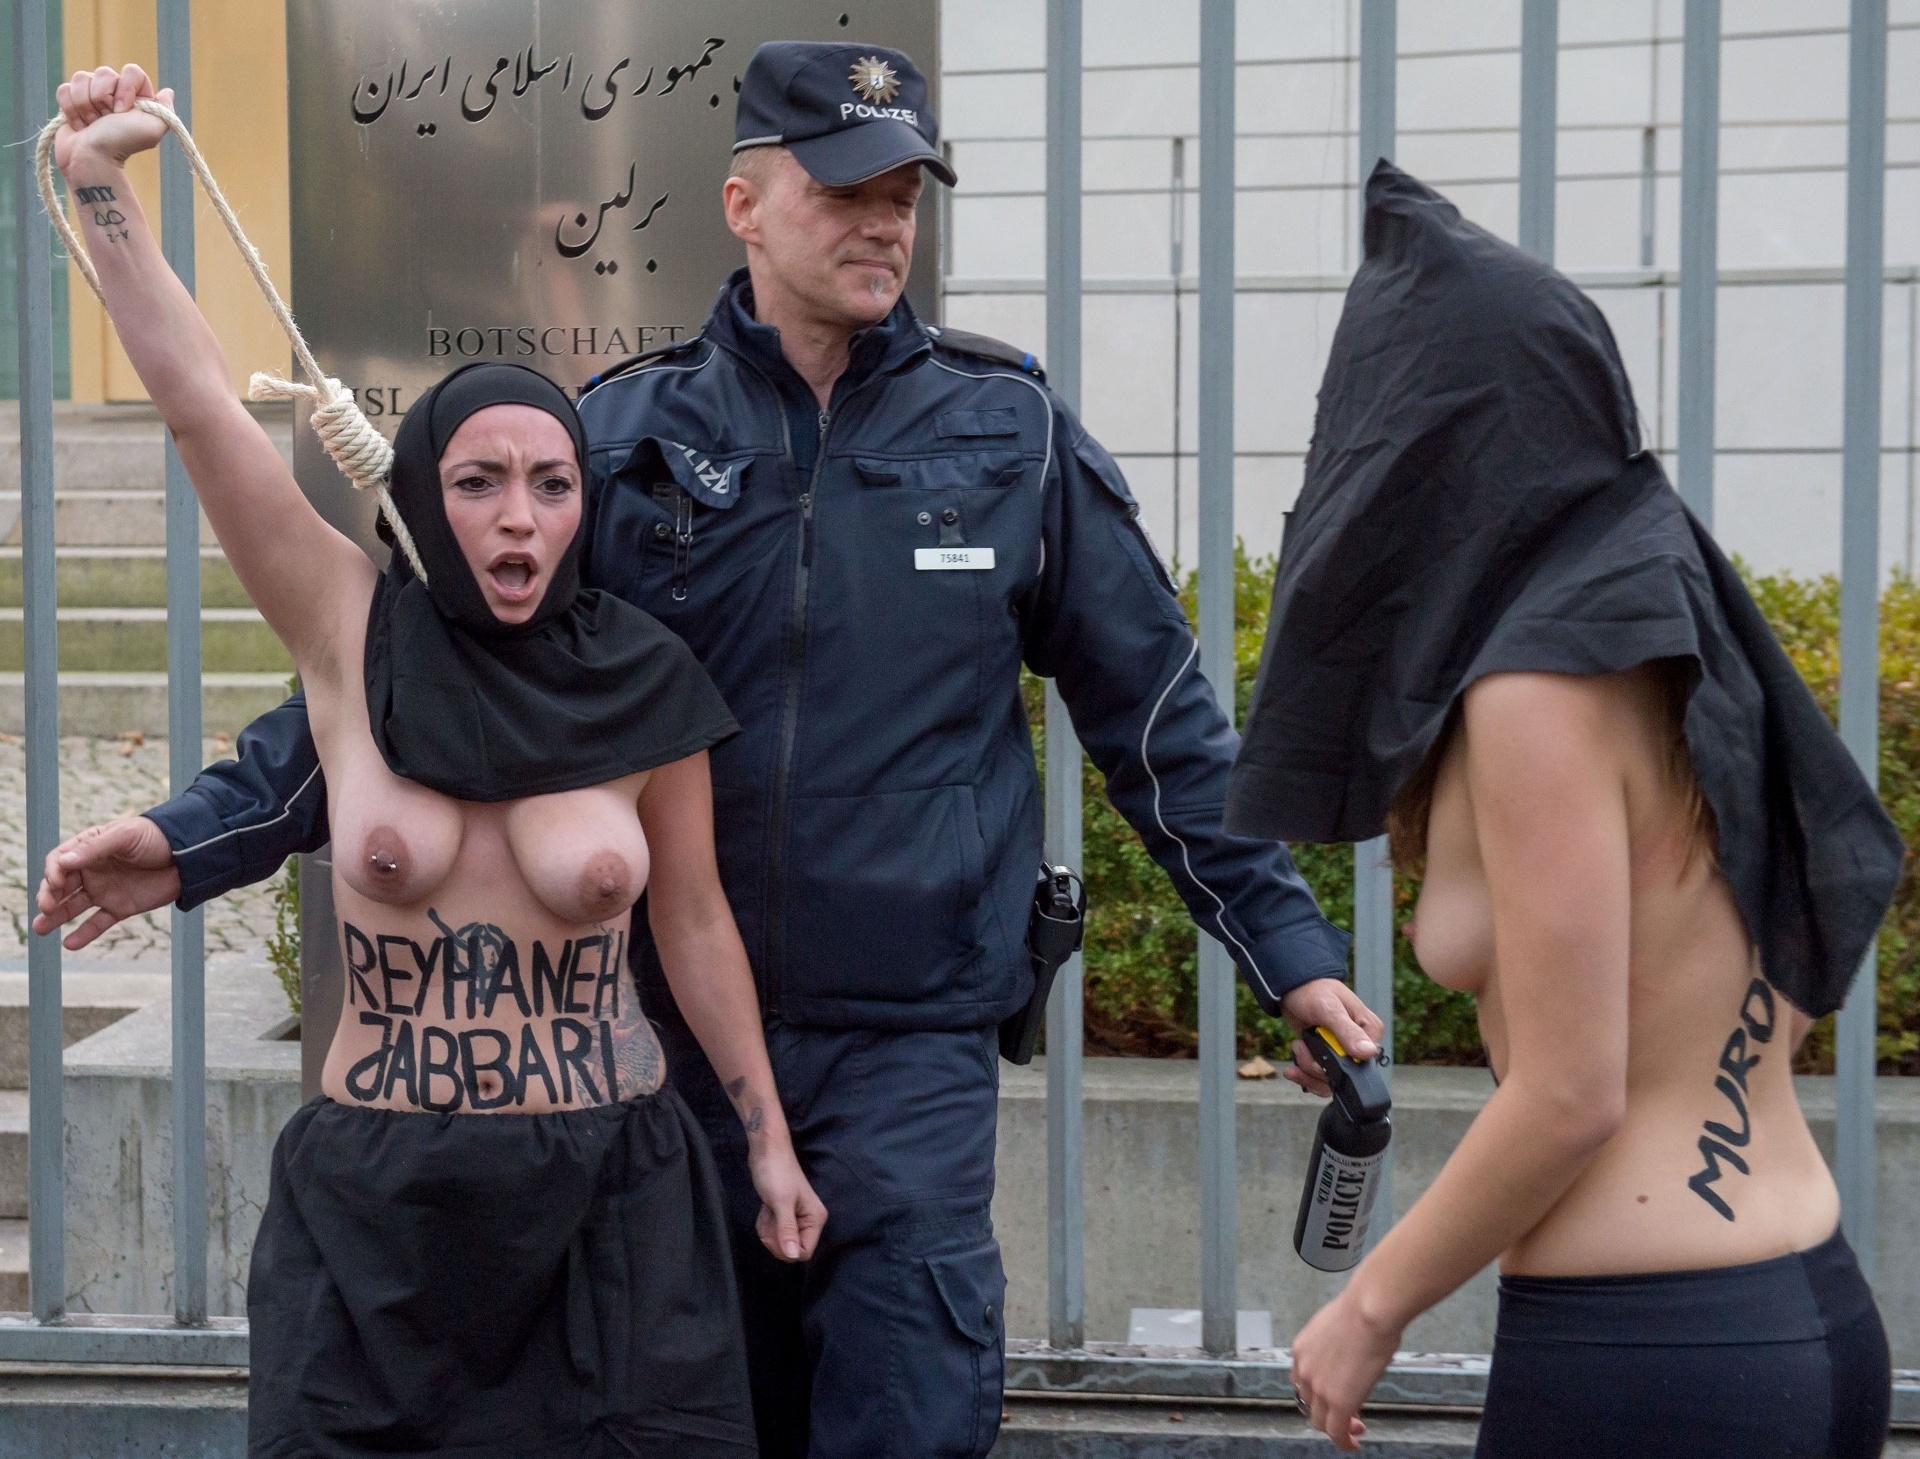 27.out.2014 - Policial reprime manifestantes do grupo feminista Femen que protestam em frente à embaixada iraniana em Berlim (Alemanha), nesta segunda-feira (27). O grupo protesta contra a execução no Irã de uma mulher condenada por ter matado um homem que ela acusava de ter tentado estuprá-la